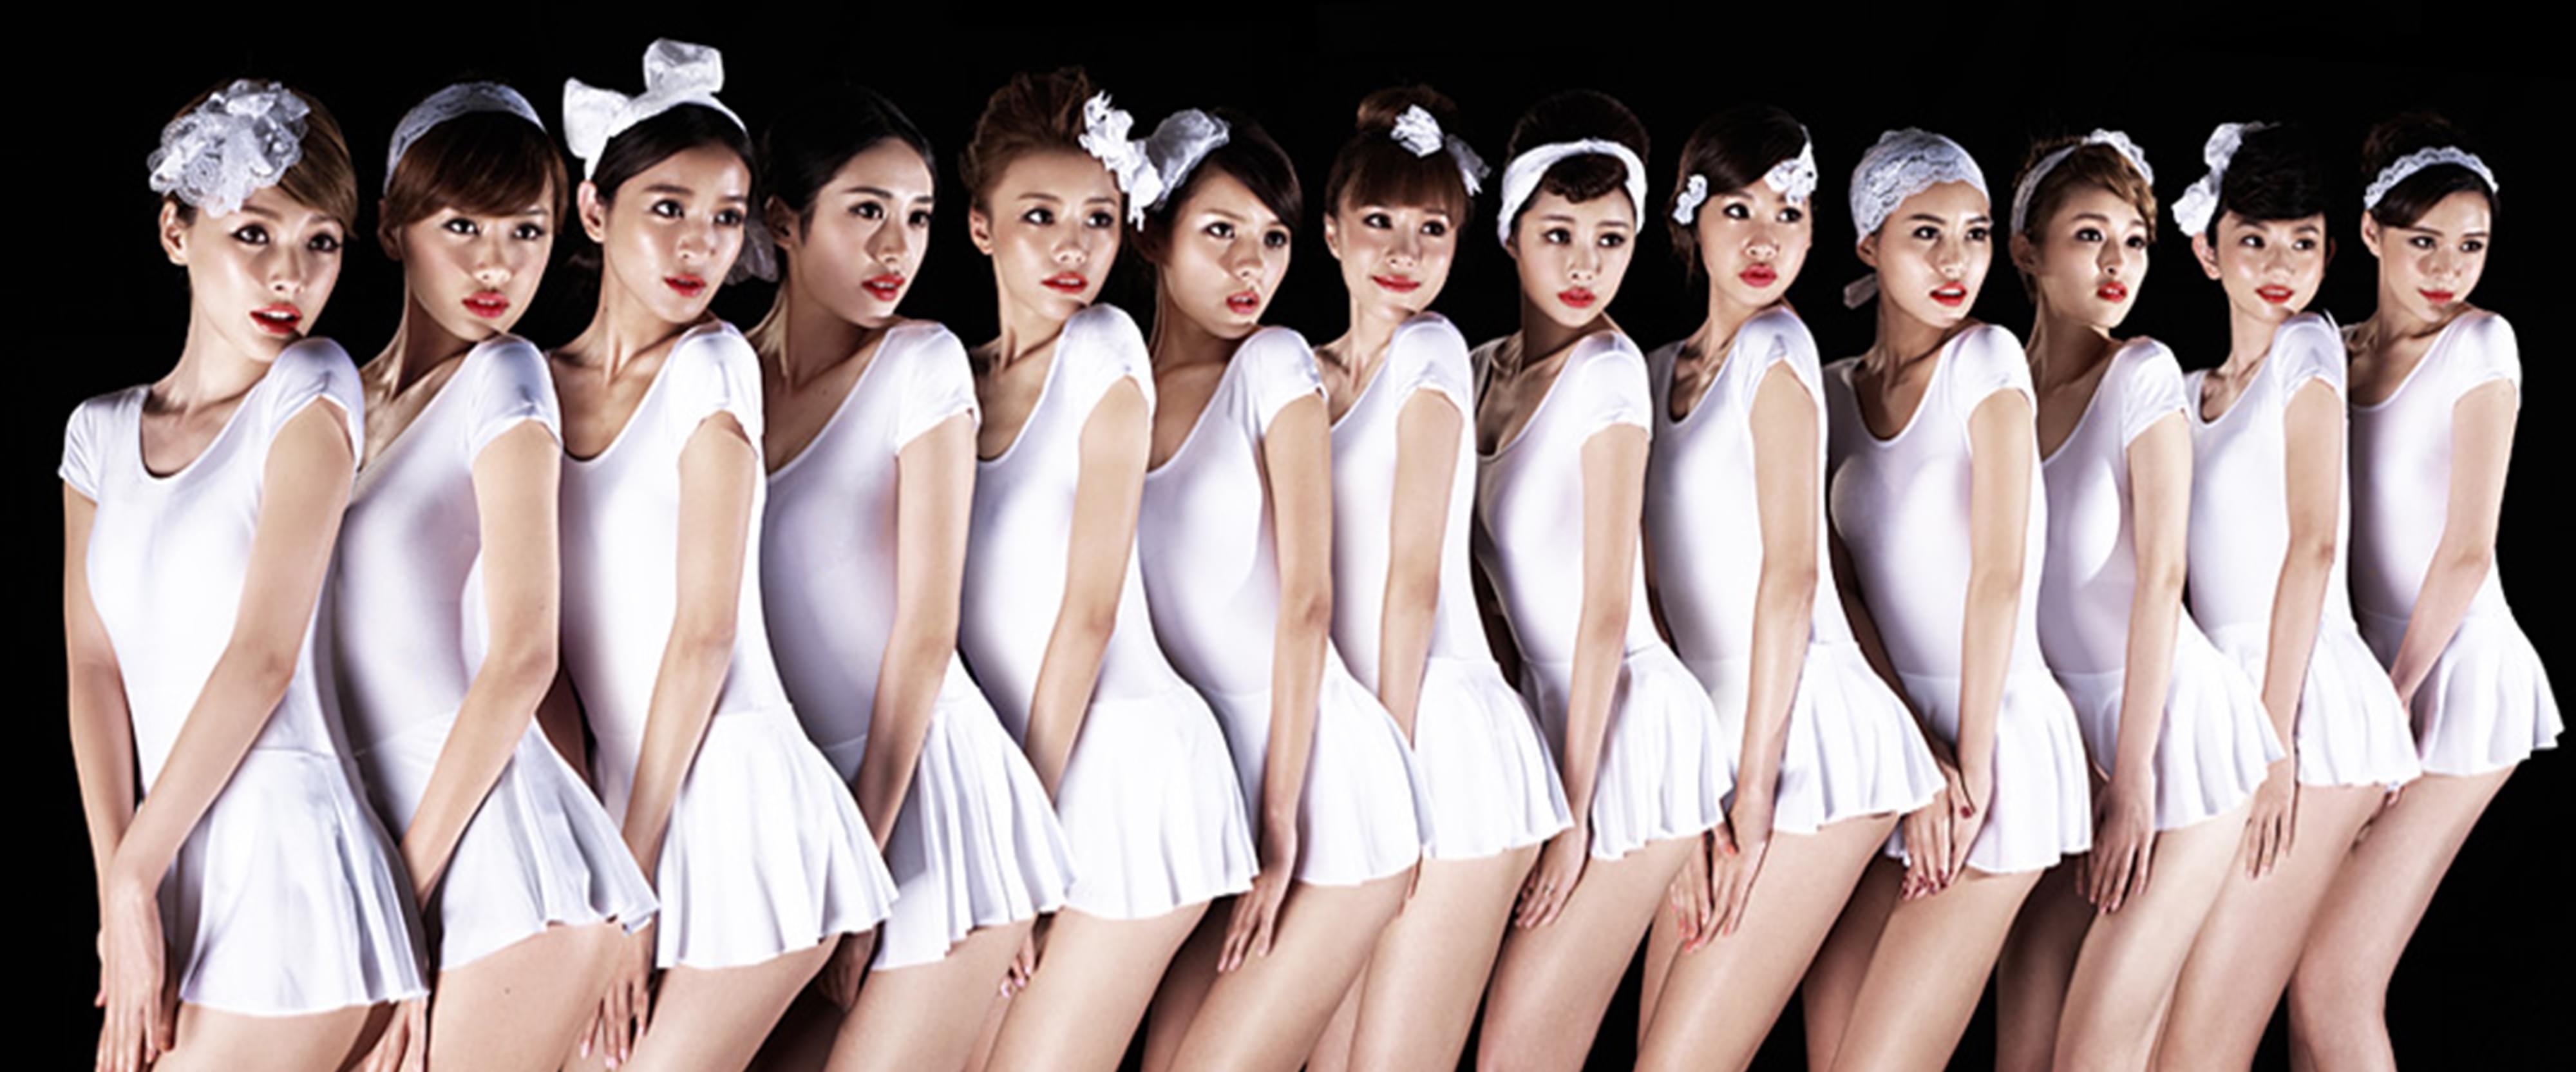 美到飞起!15位日本模特T台走秀现场直播